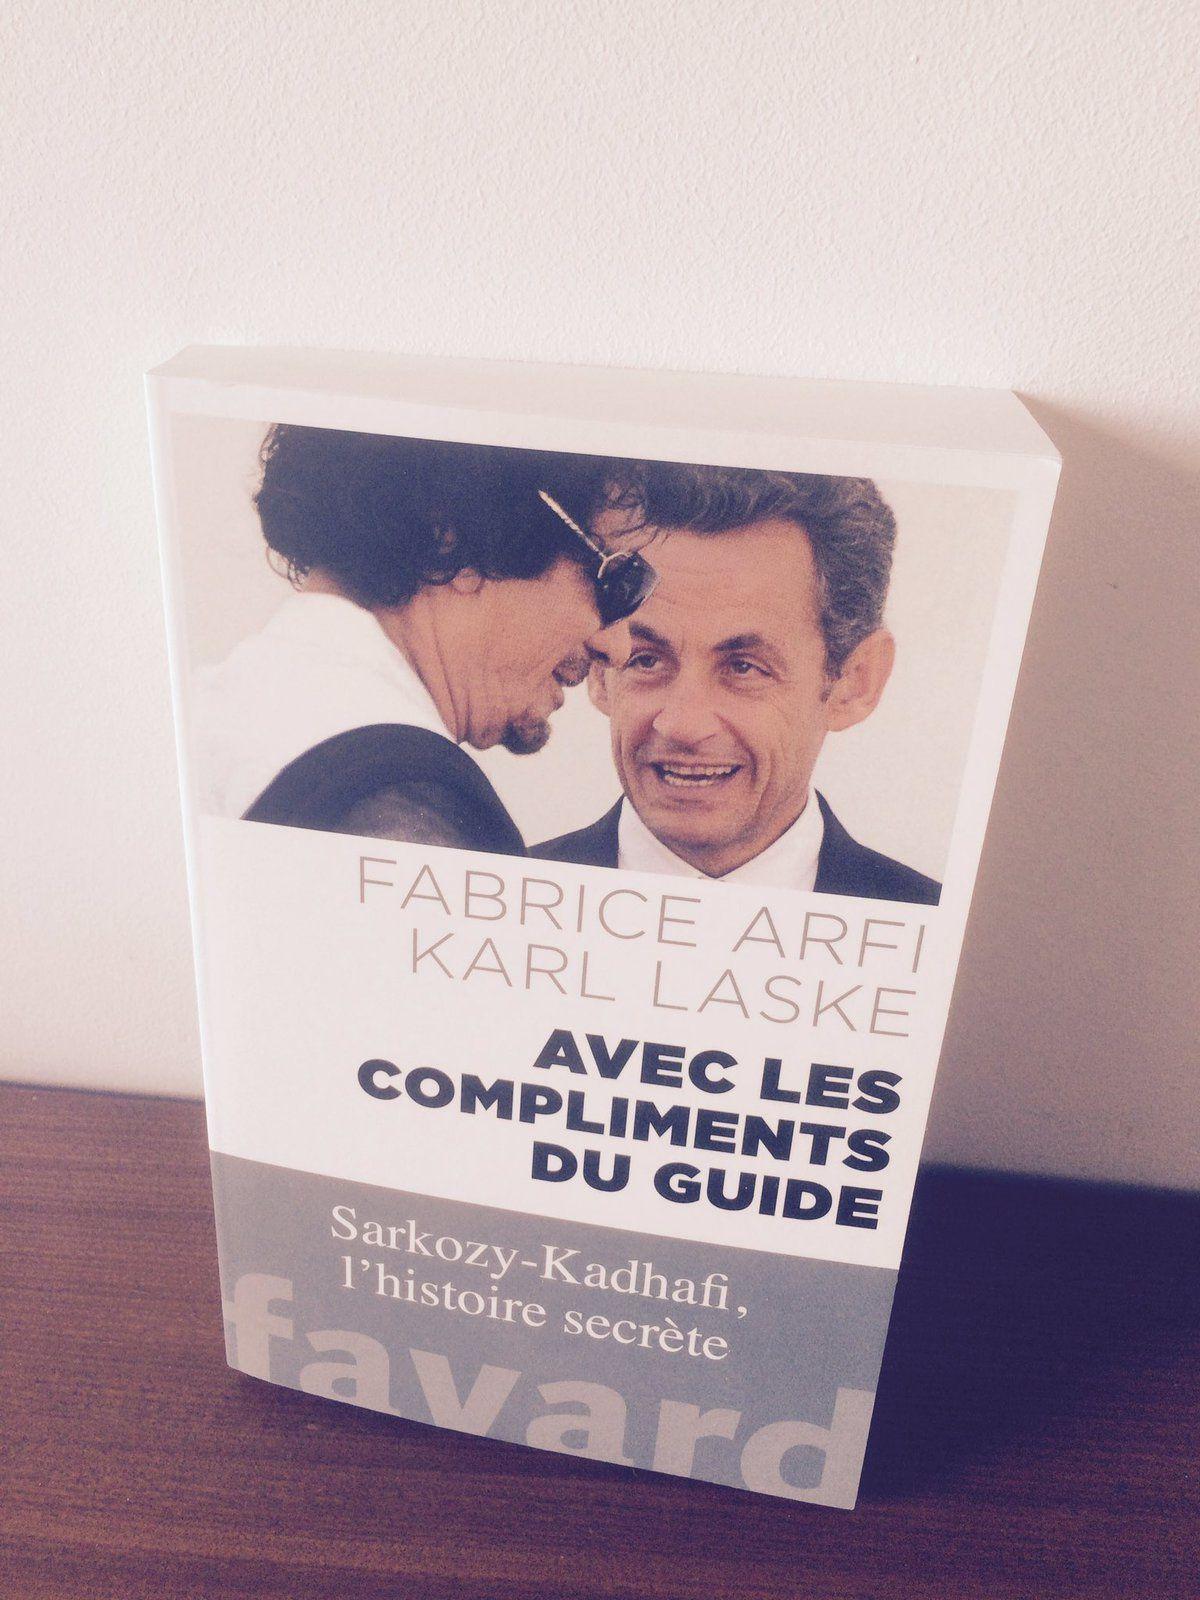 Fabrice Arfi : financement de la campagne de Sarkozy en 2007 et les liens de l'ex-président avec Kadhafi.